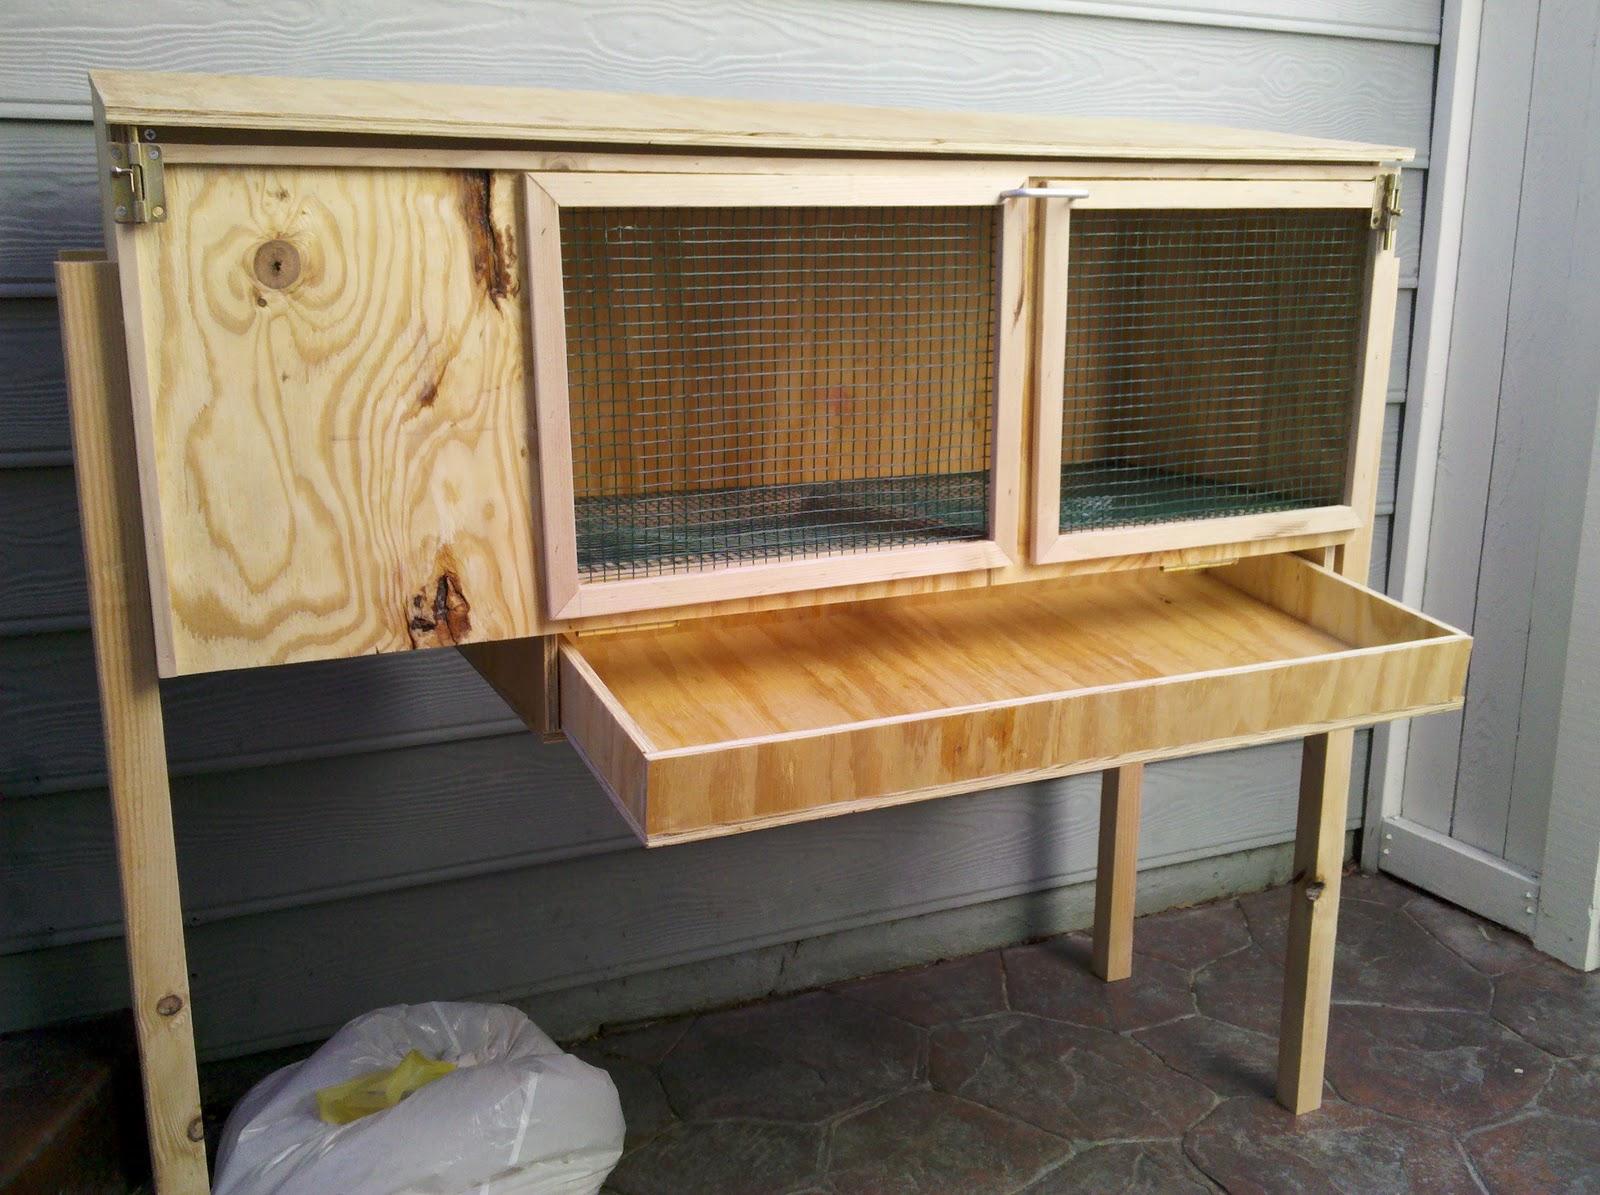 Клетка для кролика своими руками: как сделать красивое и удобное жилище?